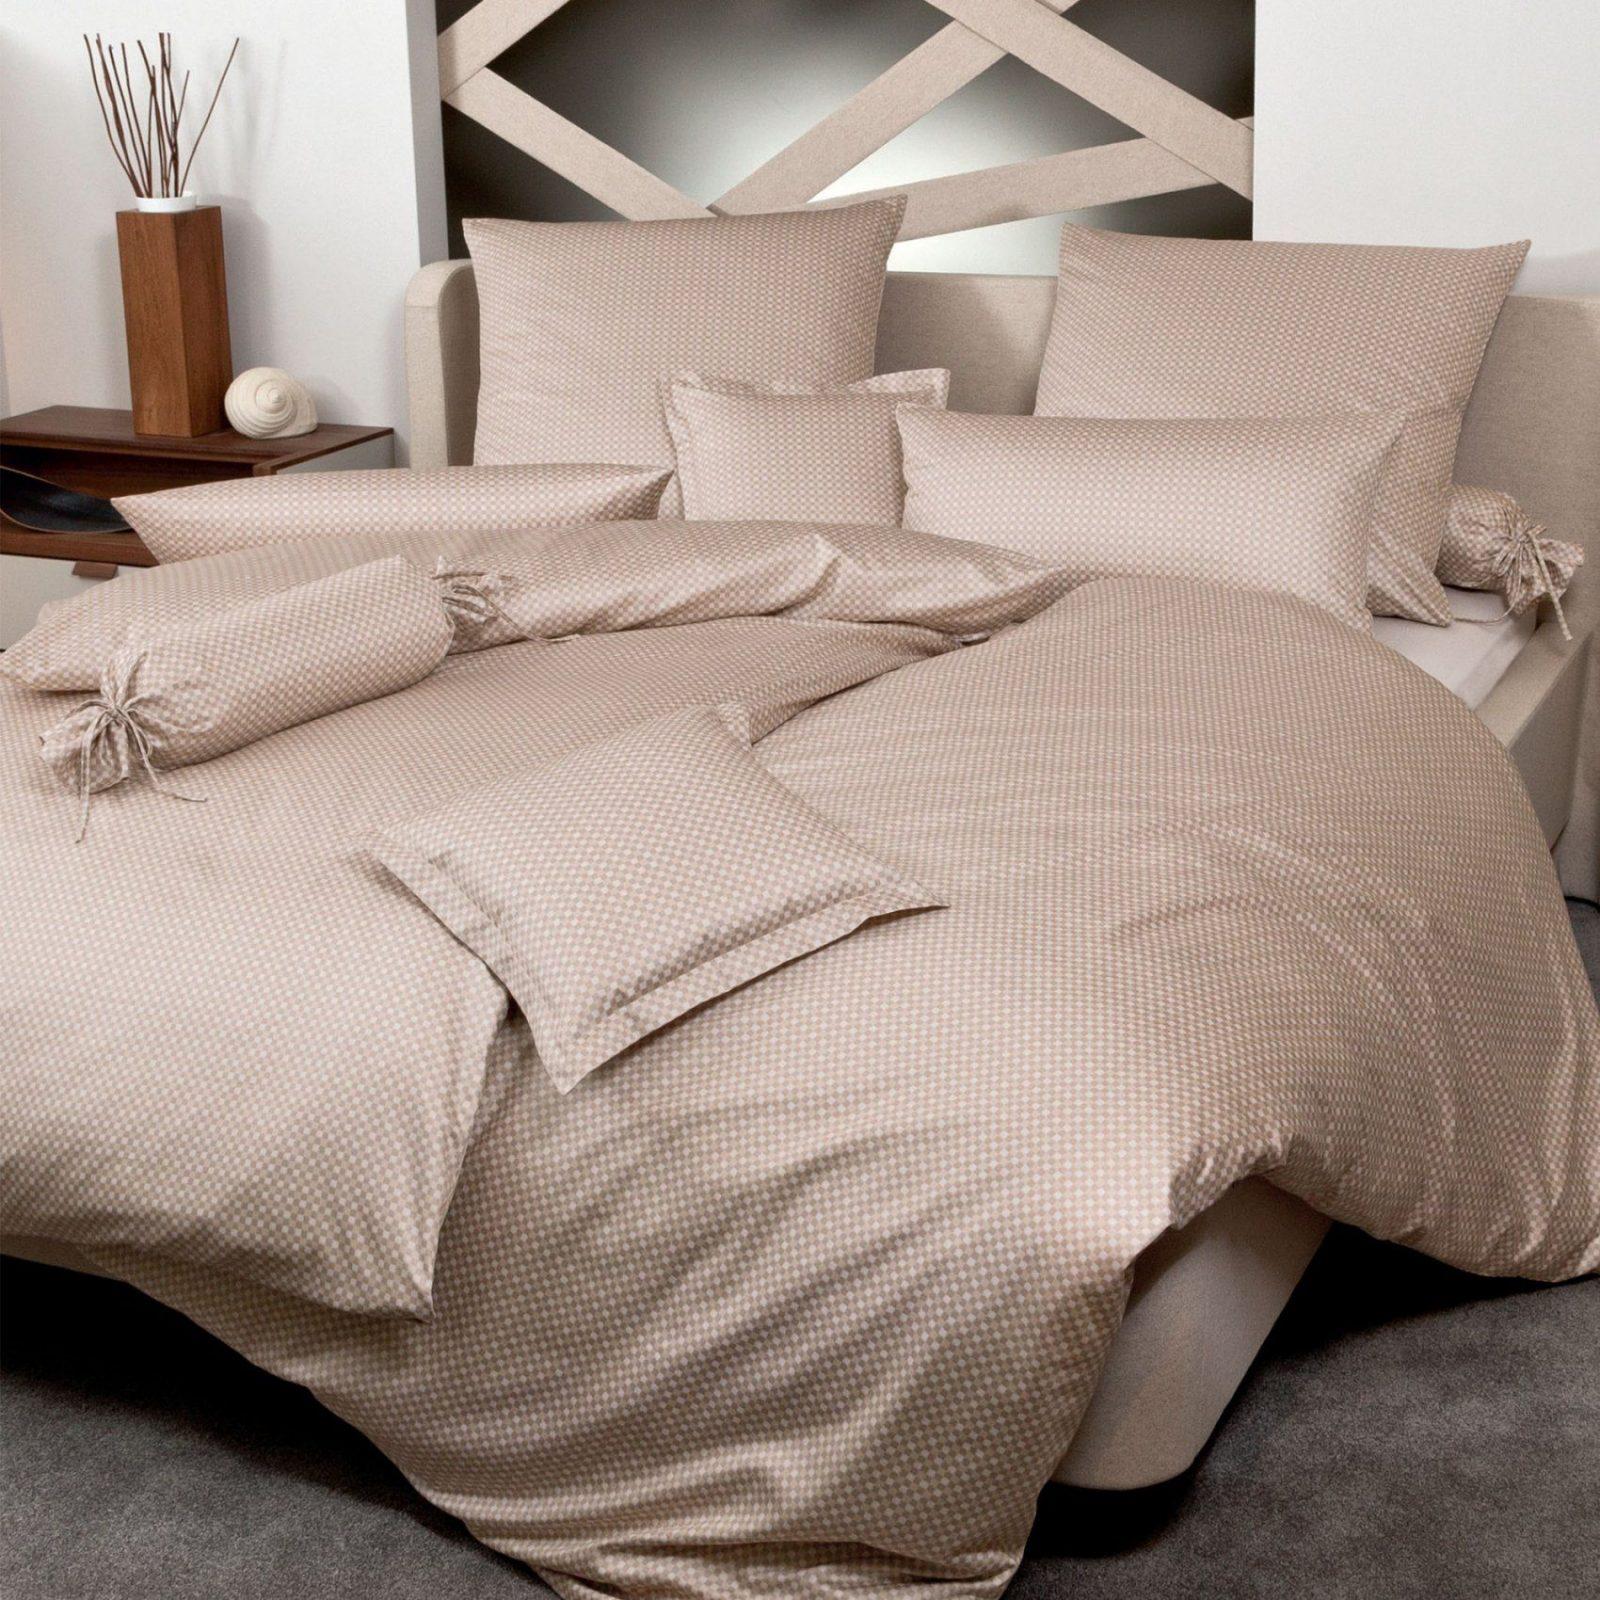 Makosatinbettwäsche Online Kaufen  Belama von Hochglanz Satin Bettwäsche Bild